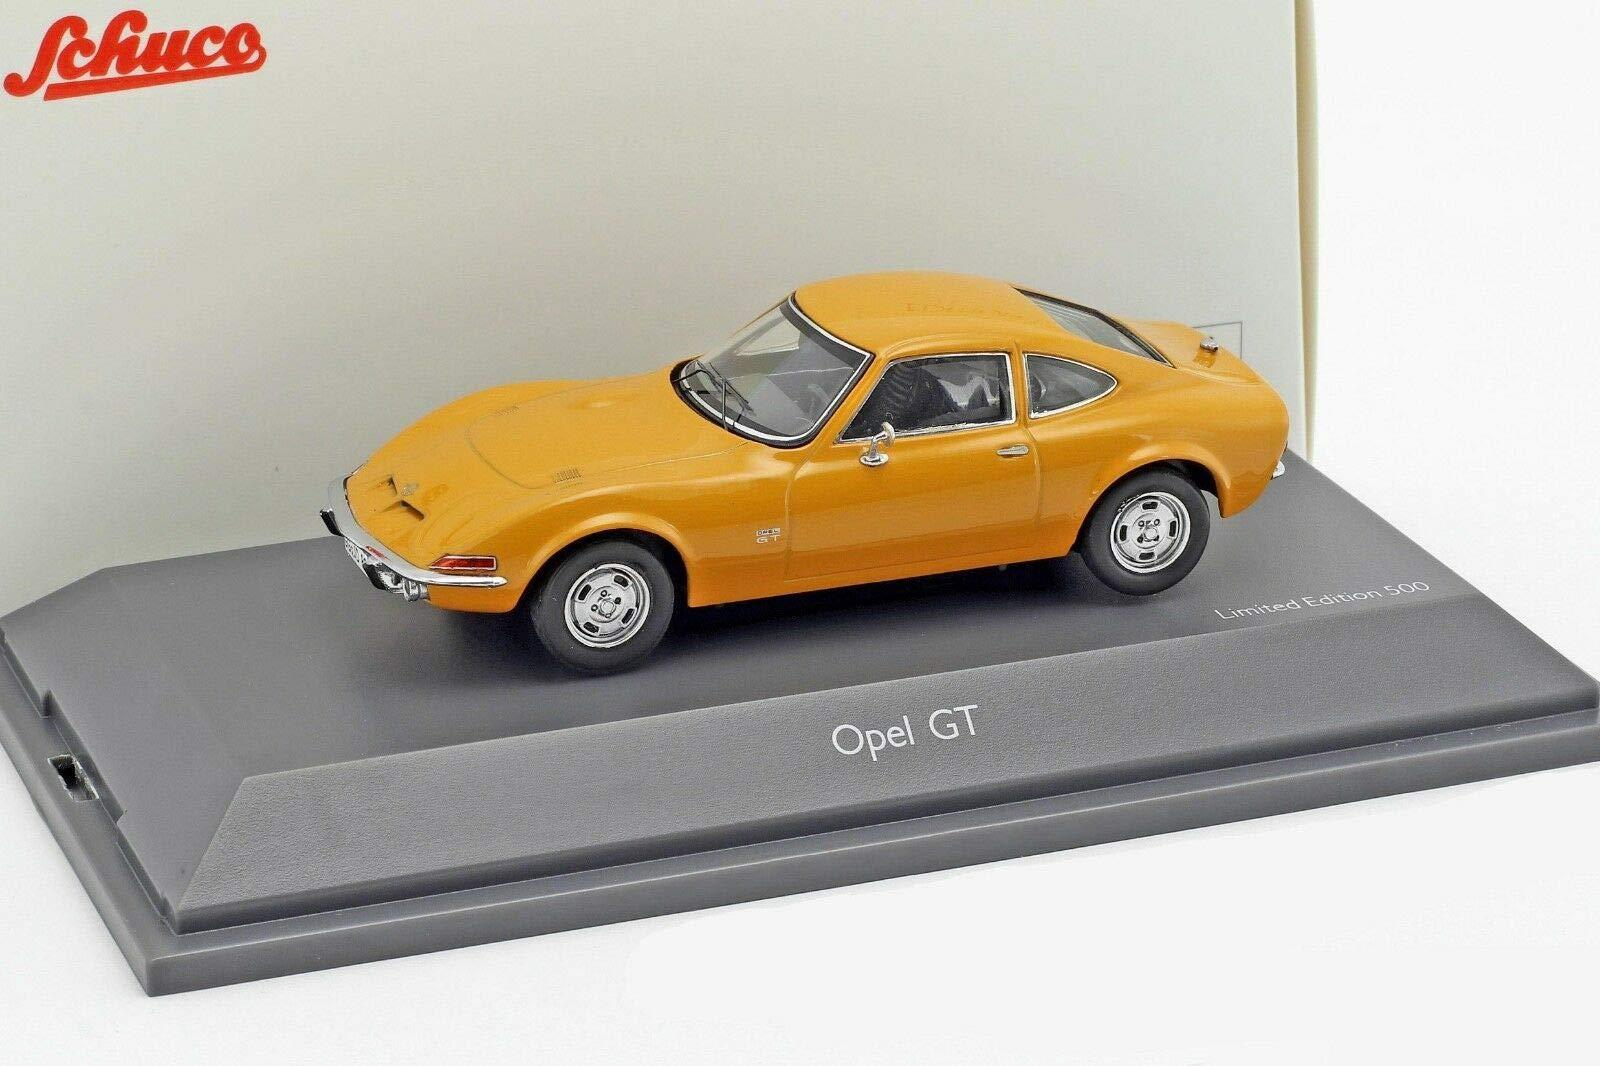 Simba Dickie 450256700Model Miniature Opel GT 1: 43 1